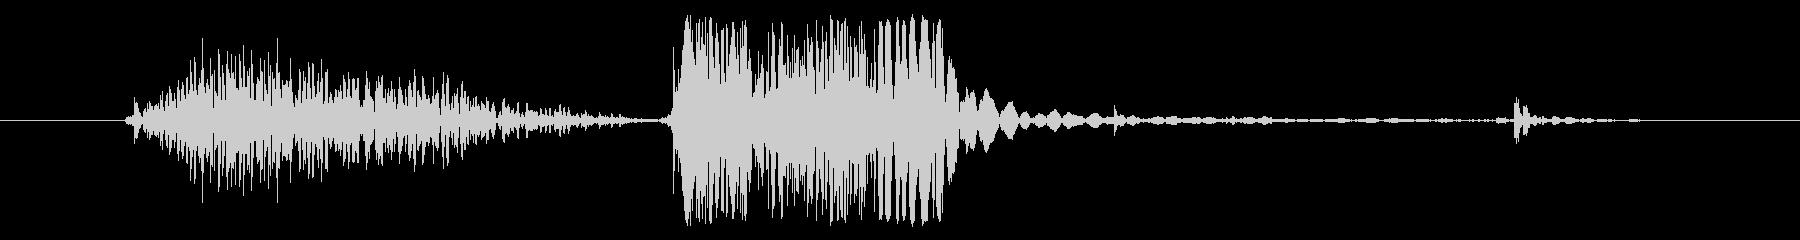 兵士 歩兵ダイ02の未再生の波形